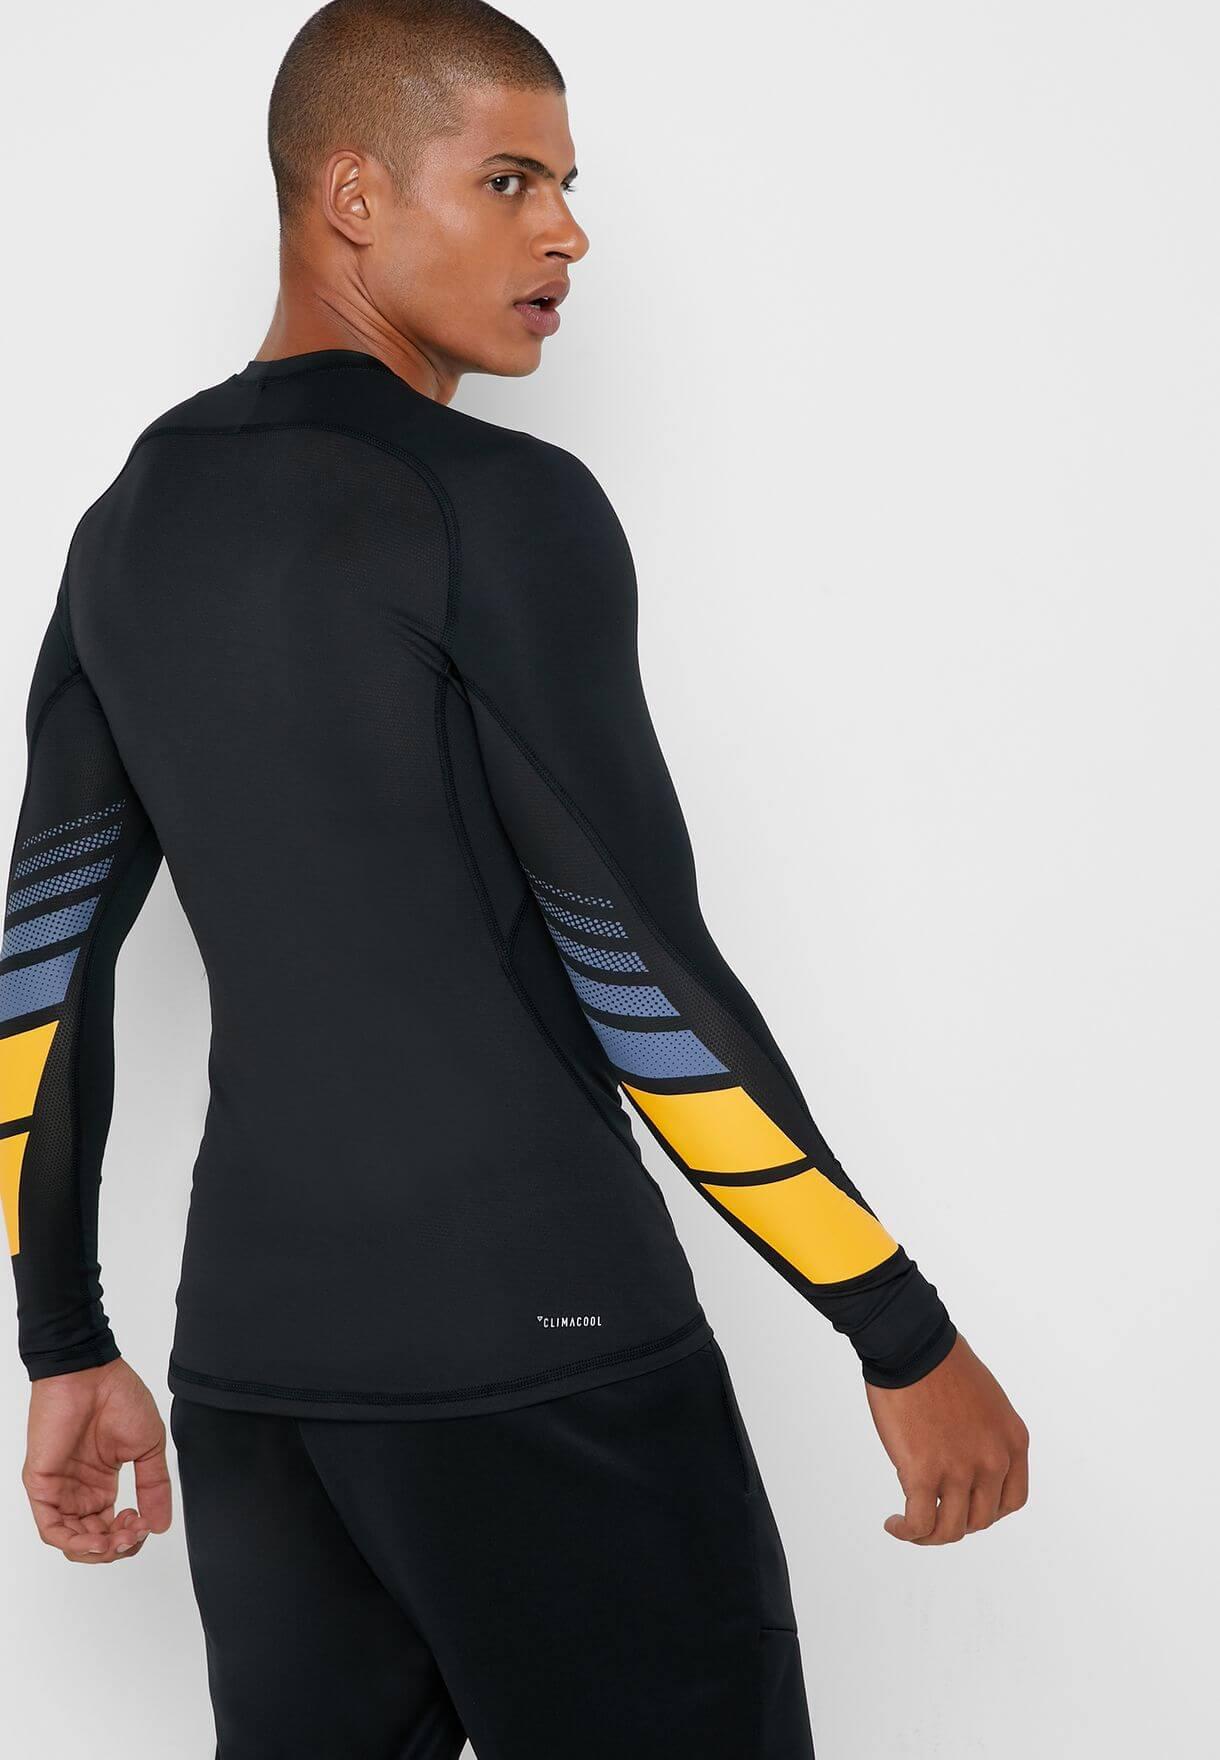 Camisa Compressão adidas De Manga Longa Corrida De Rua dz7378